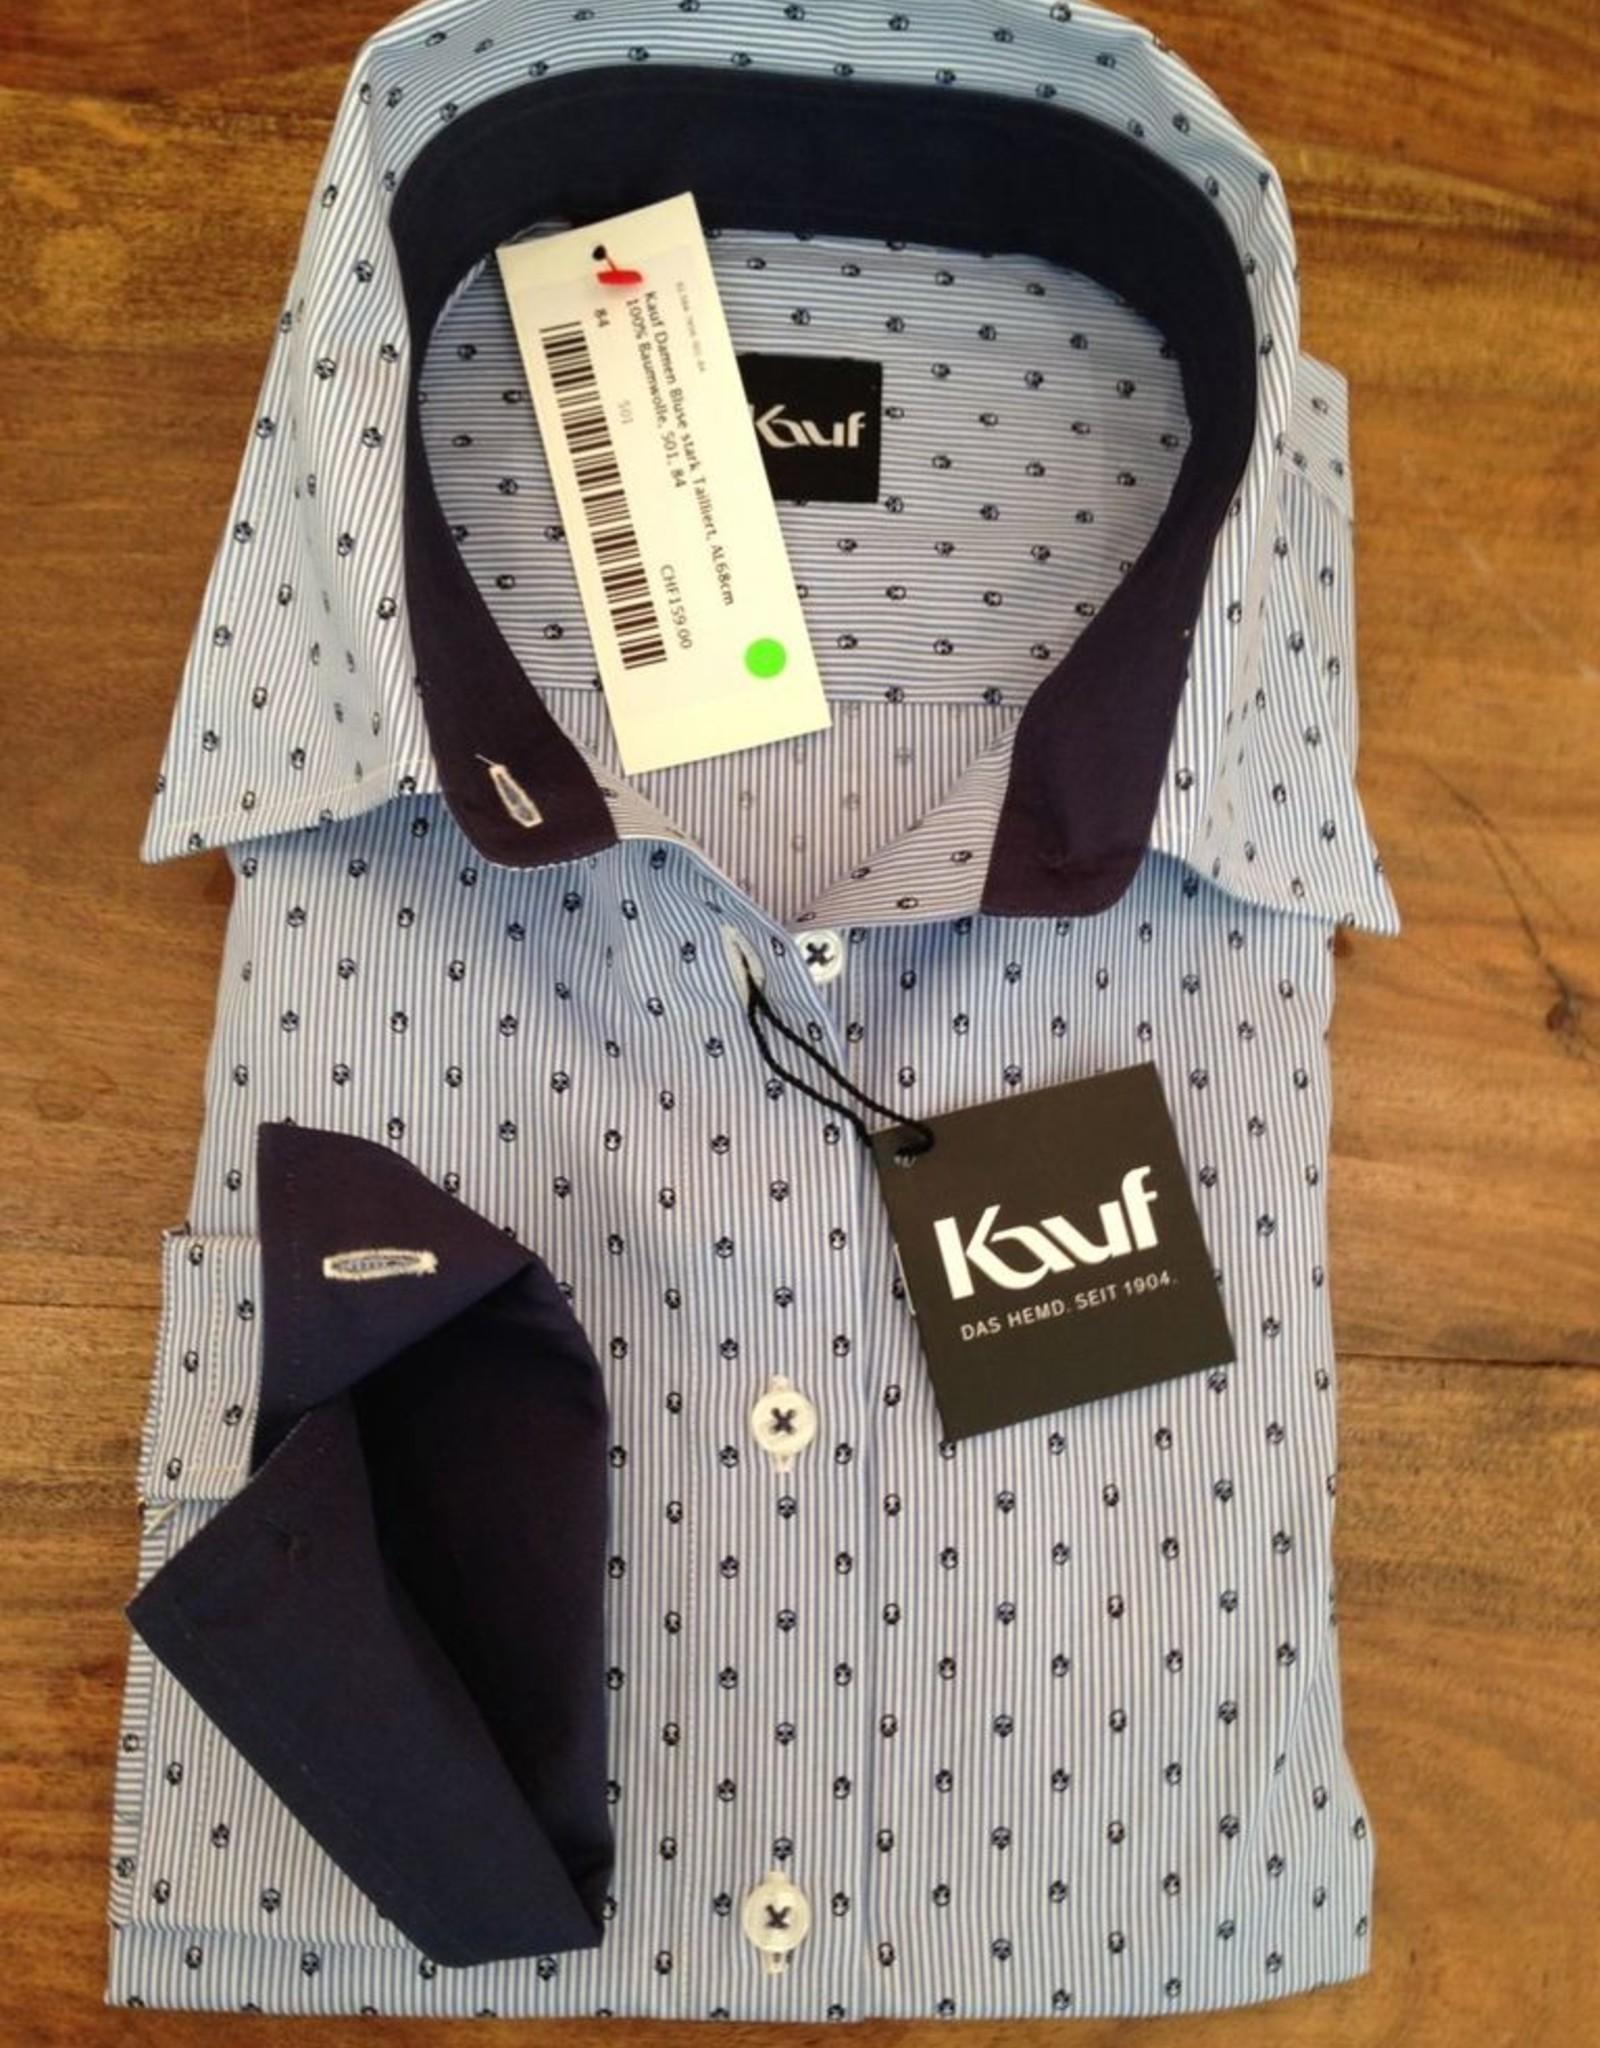 Kauf Kauf Damen Bluse stark Tailliert, Micro schädel AL68cm 100% BW, achtung eine Nummer grösser kaufen!